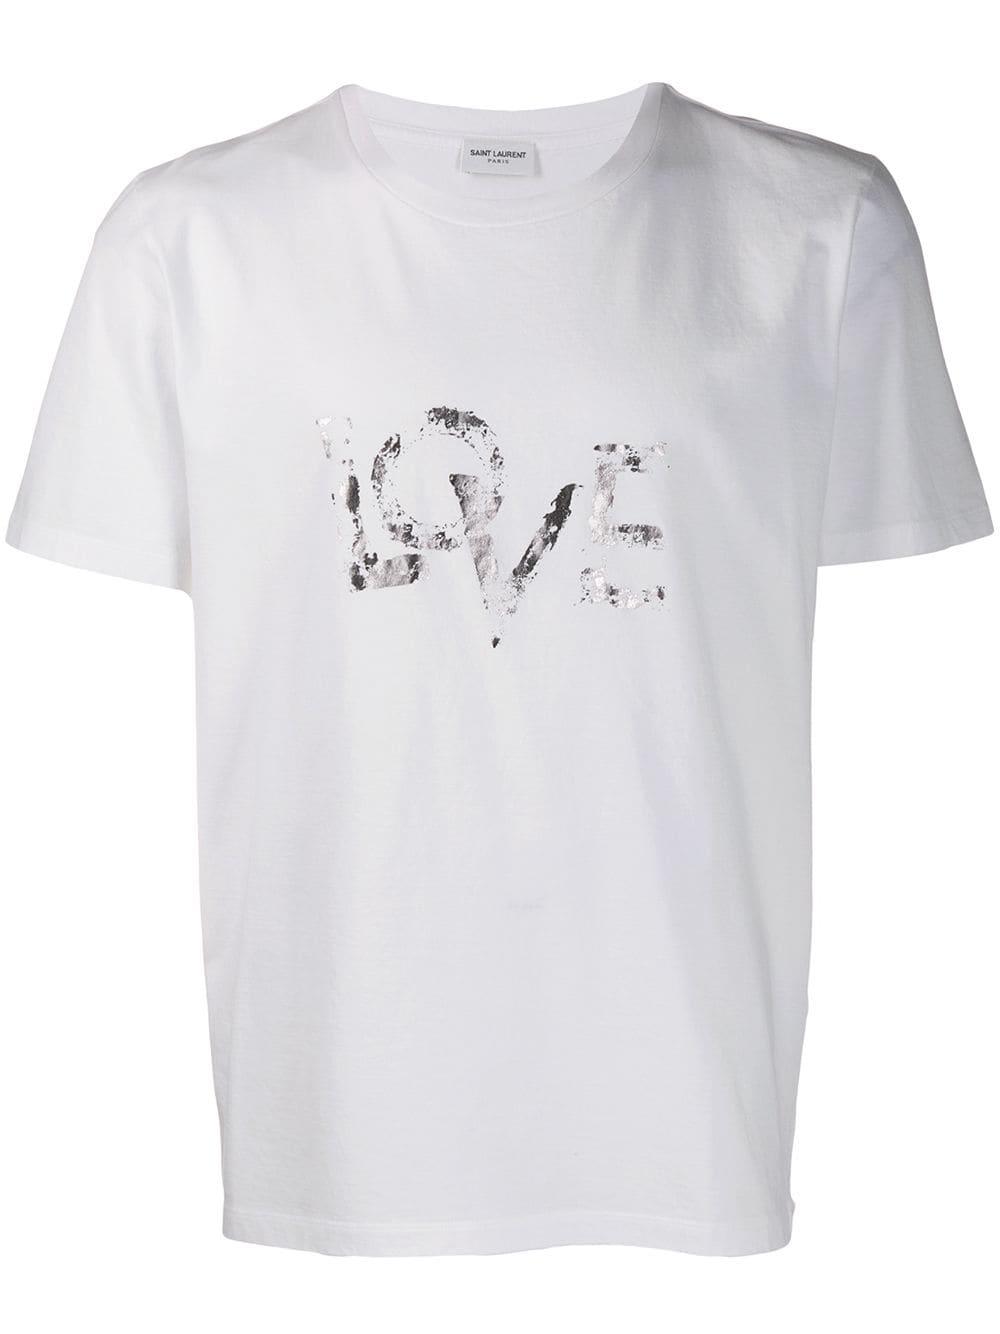 aa3752be3b1 T-Shirt LOVE Bianca - SAINT LAURENT - Russocapri